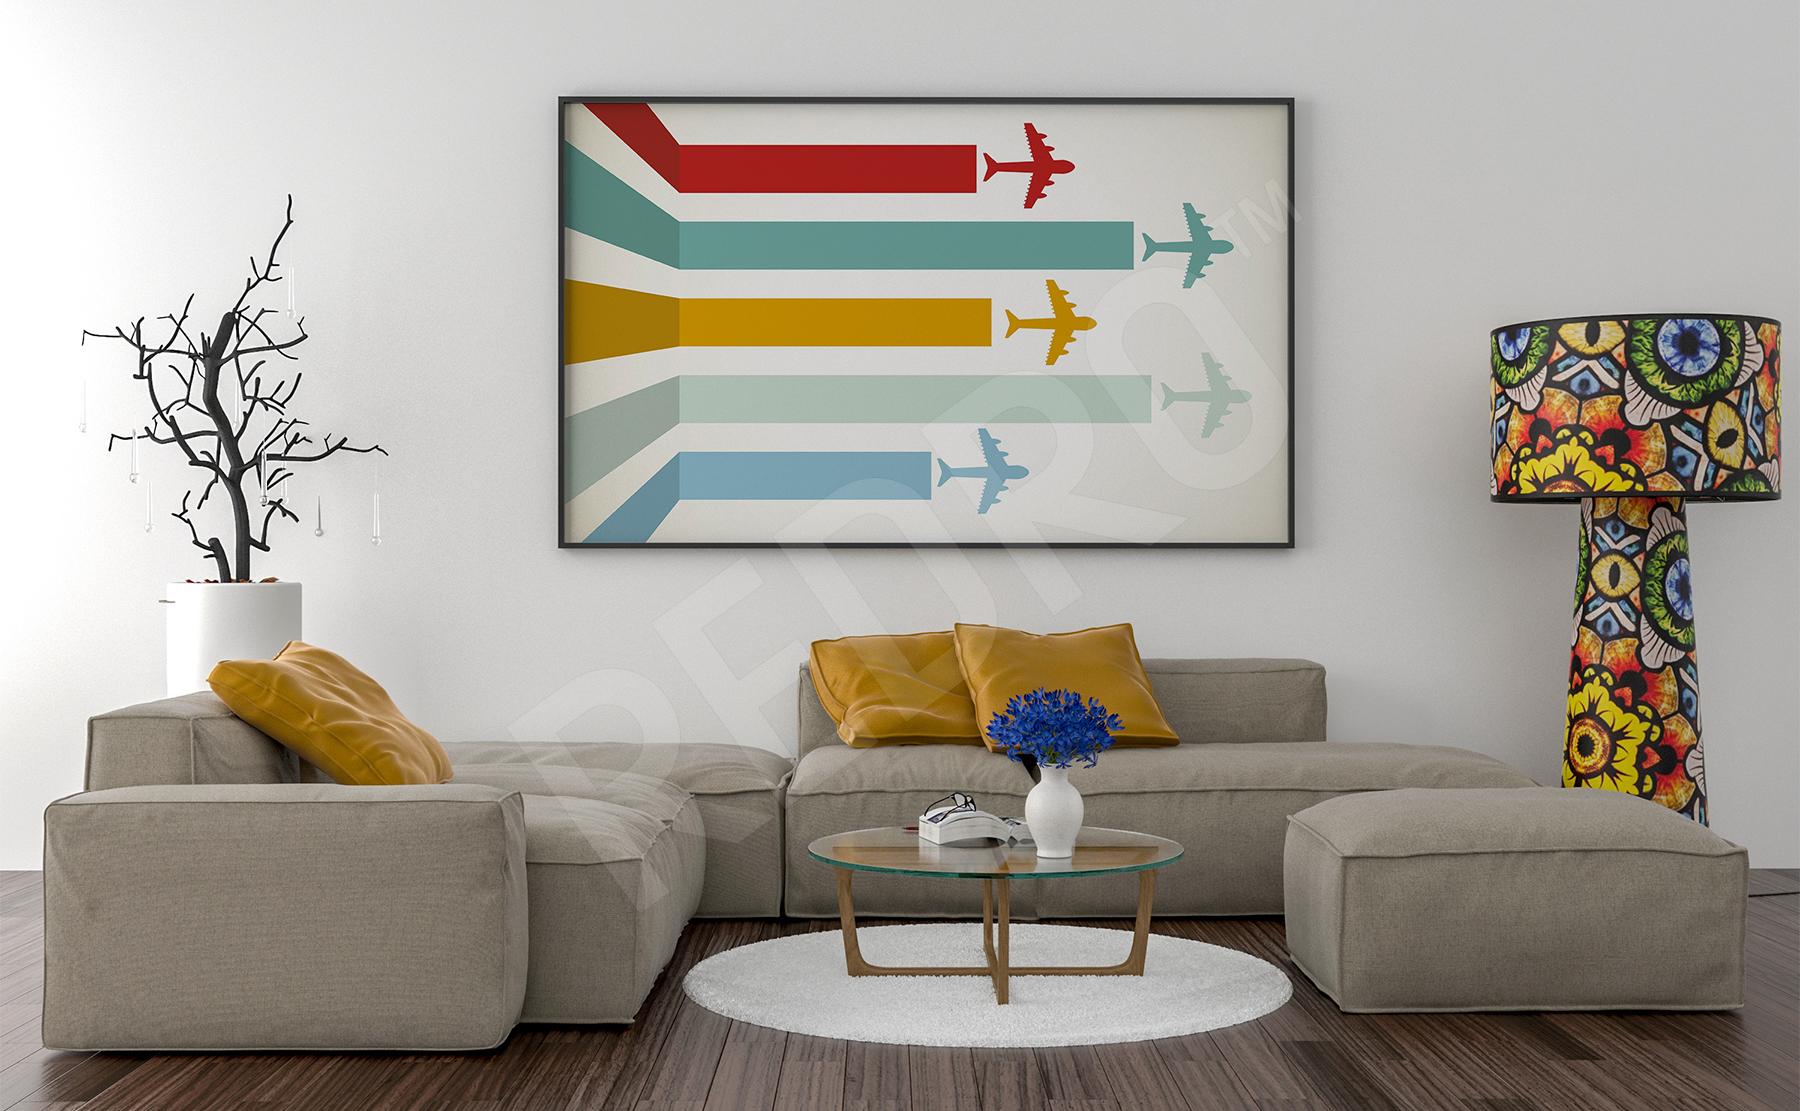 Plakaty Samoloty Na Wymiar Redropl